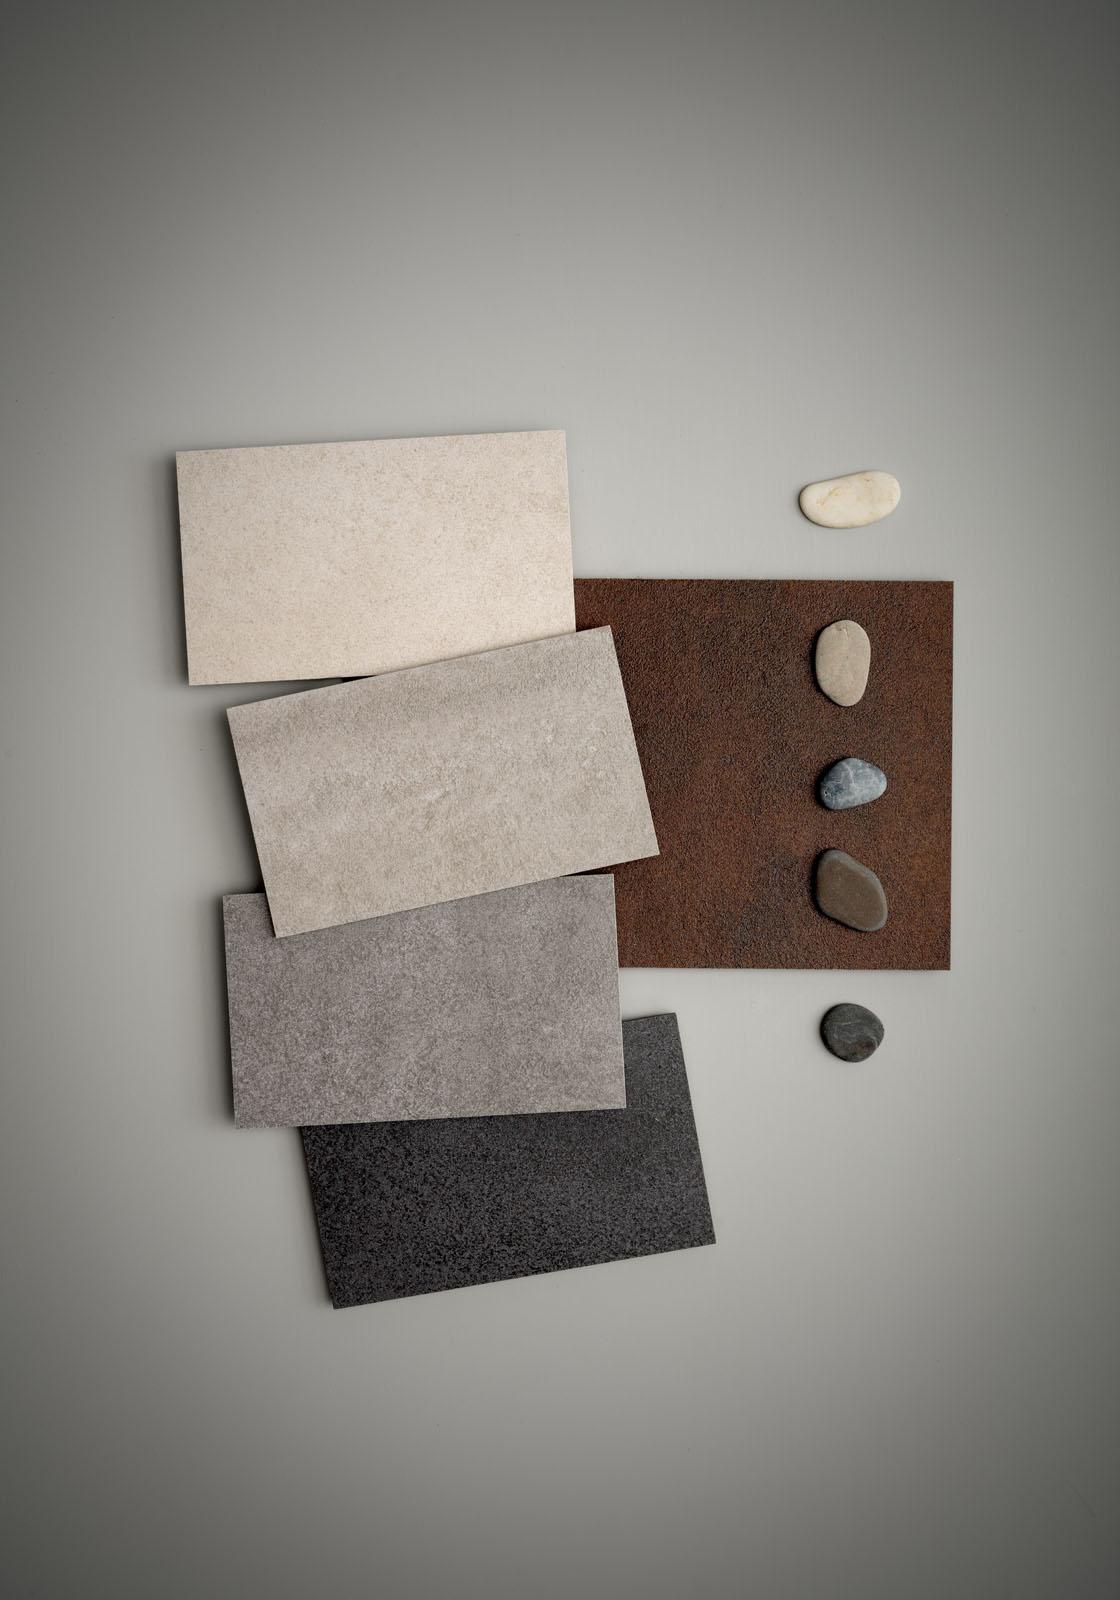 LEA-concreto-65mm-moodboard